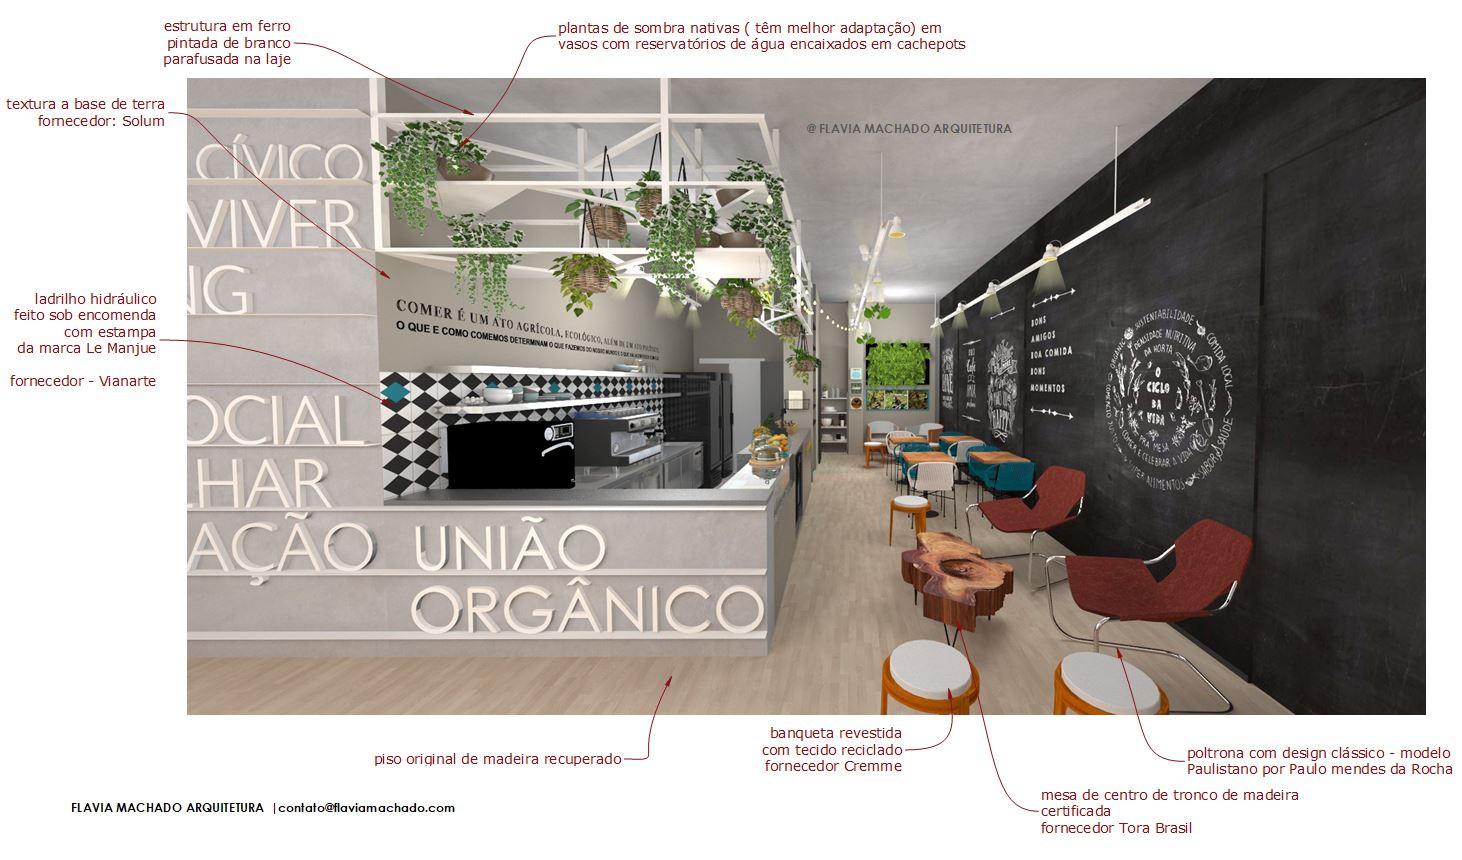 3D - Café Civi-co | Arq. Flavia Machado